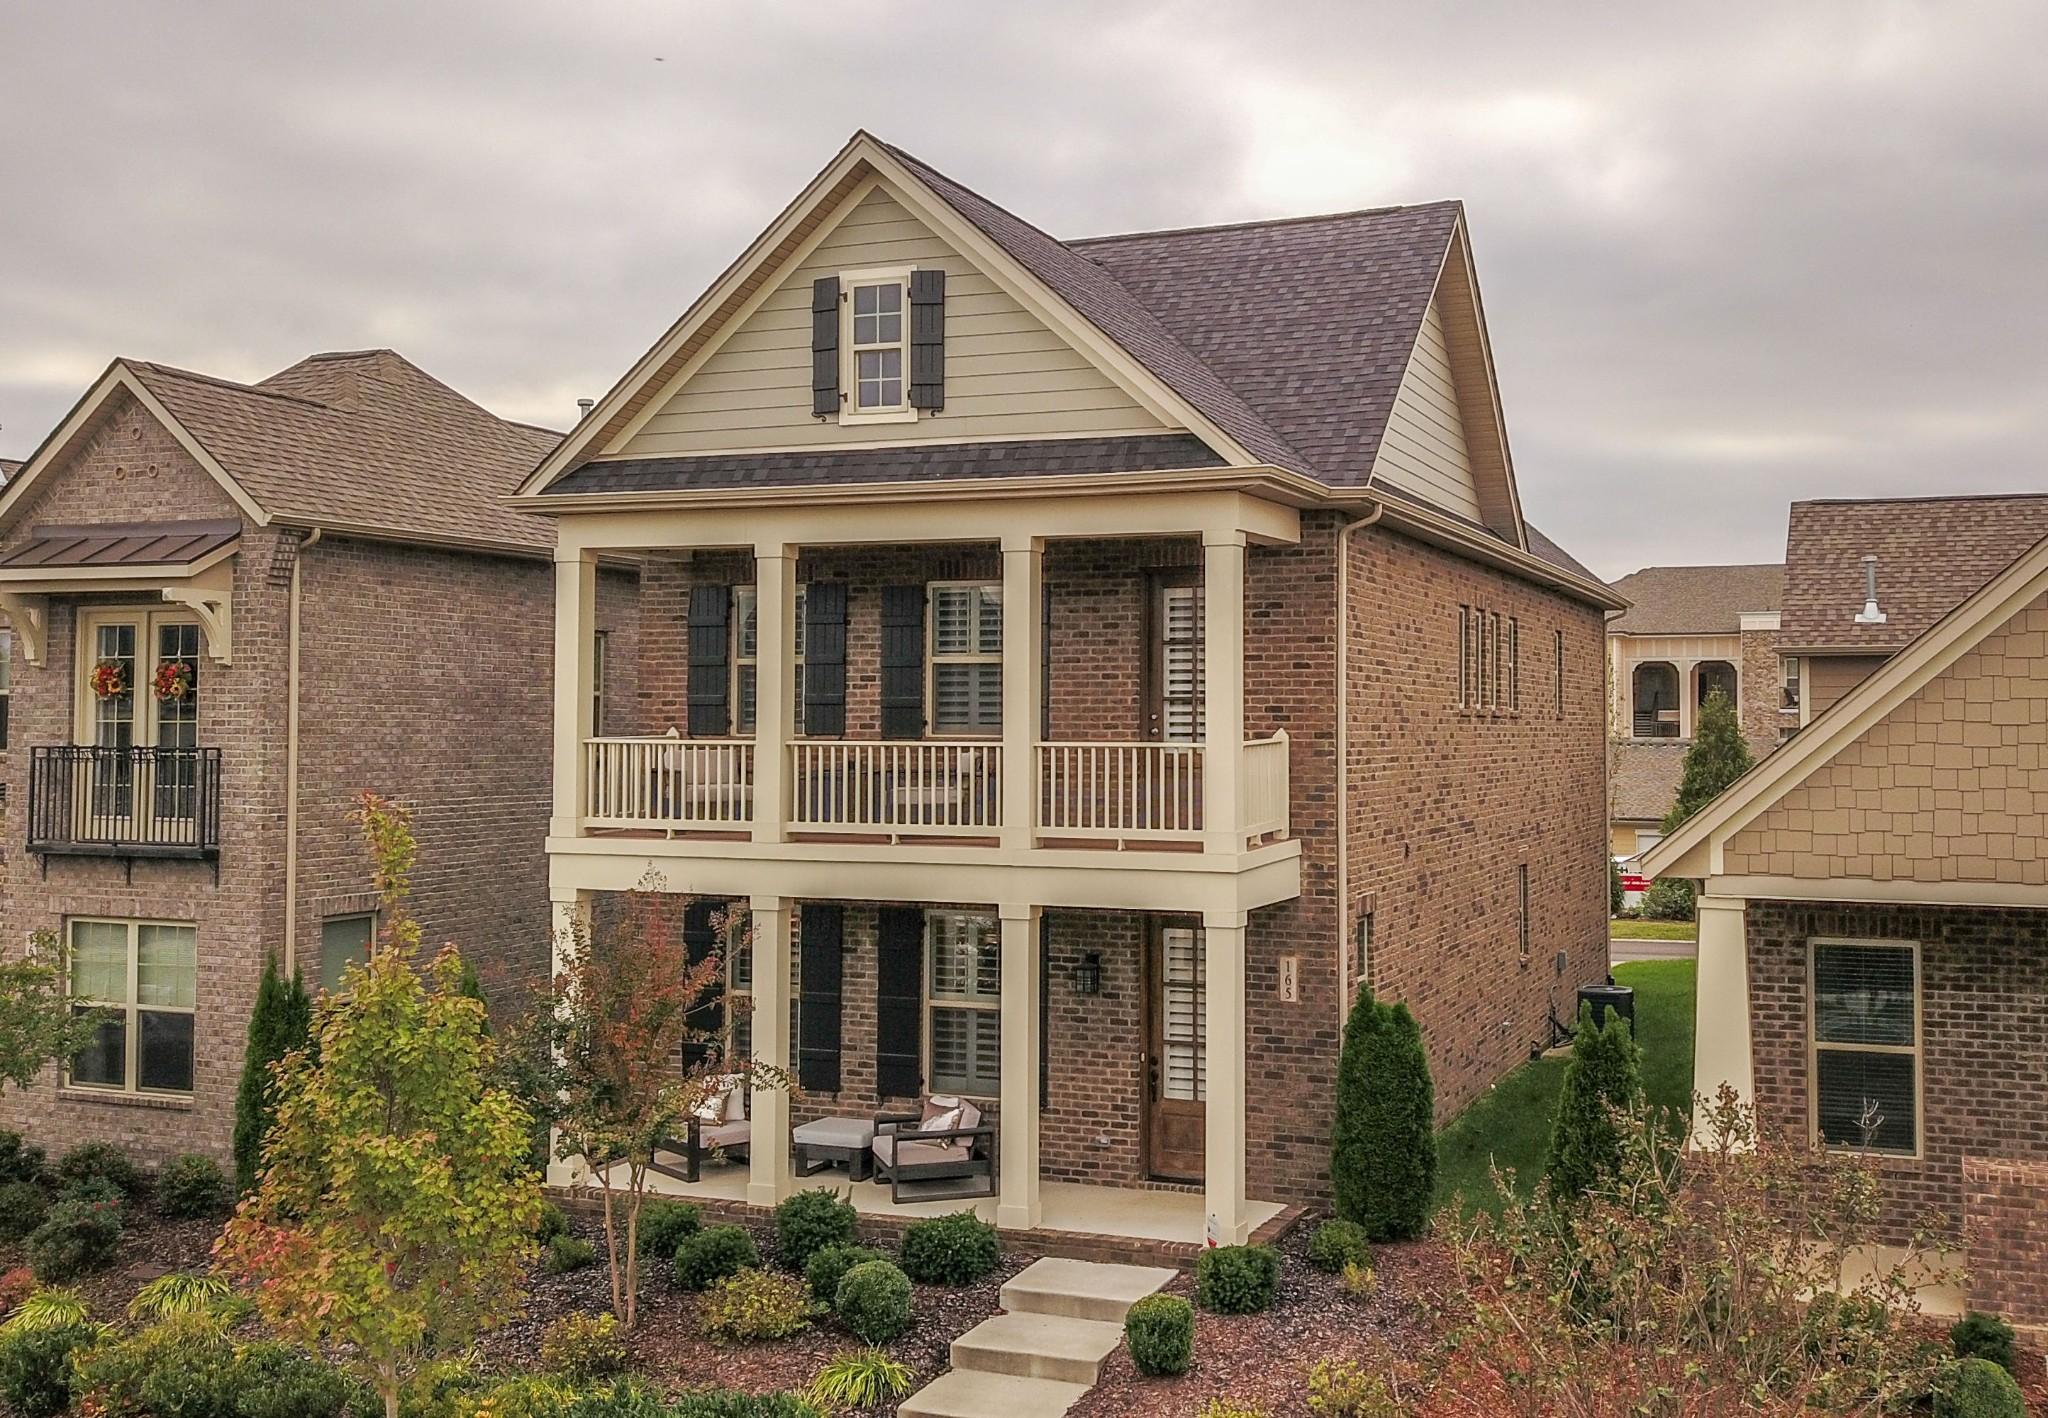 165 Ashcrest Pt, Hendersonville, TN 37075 - Hendersonville, TN real estate listing